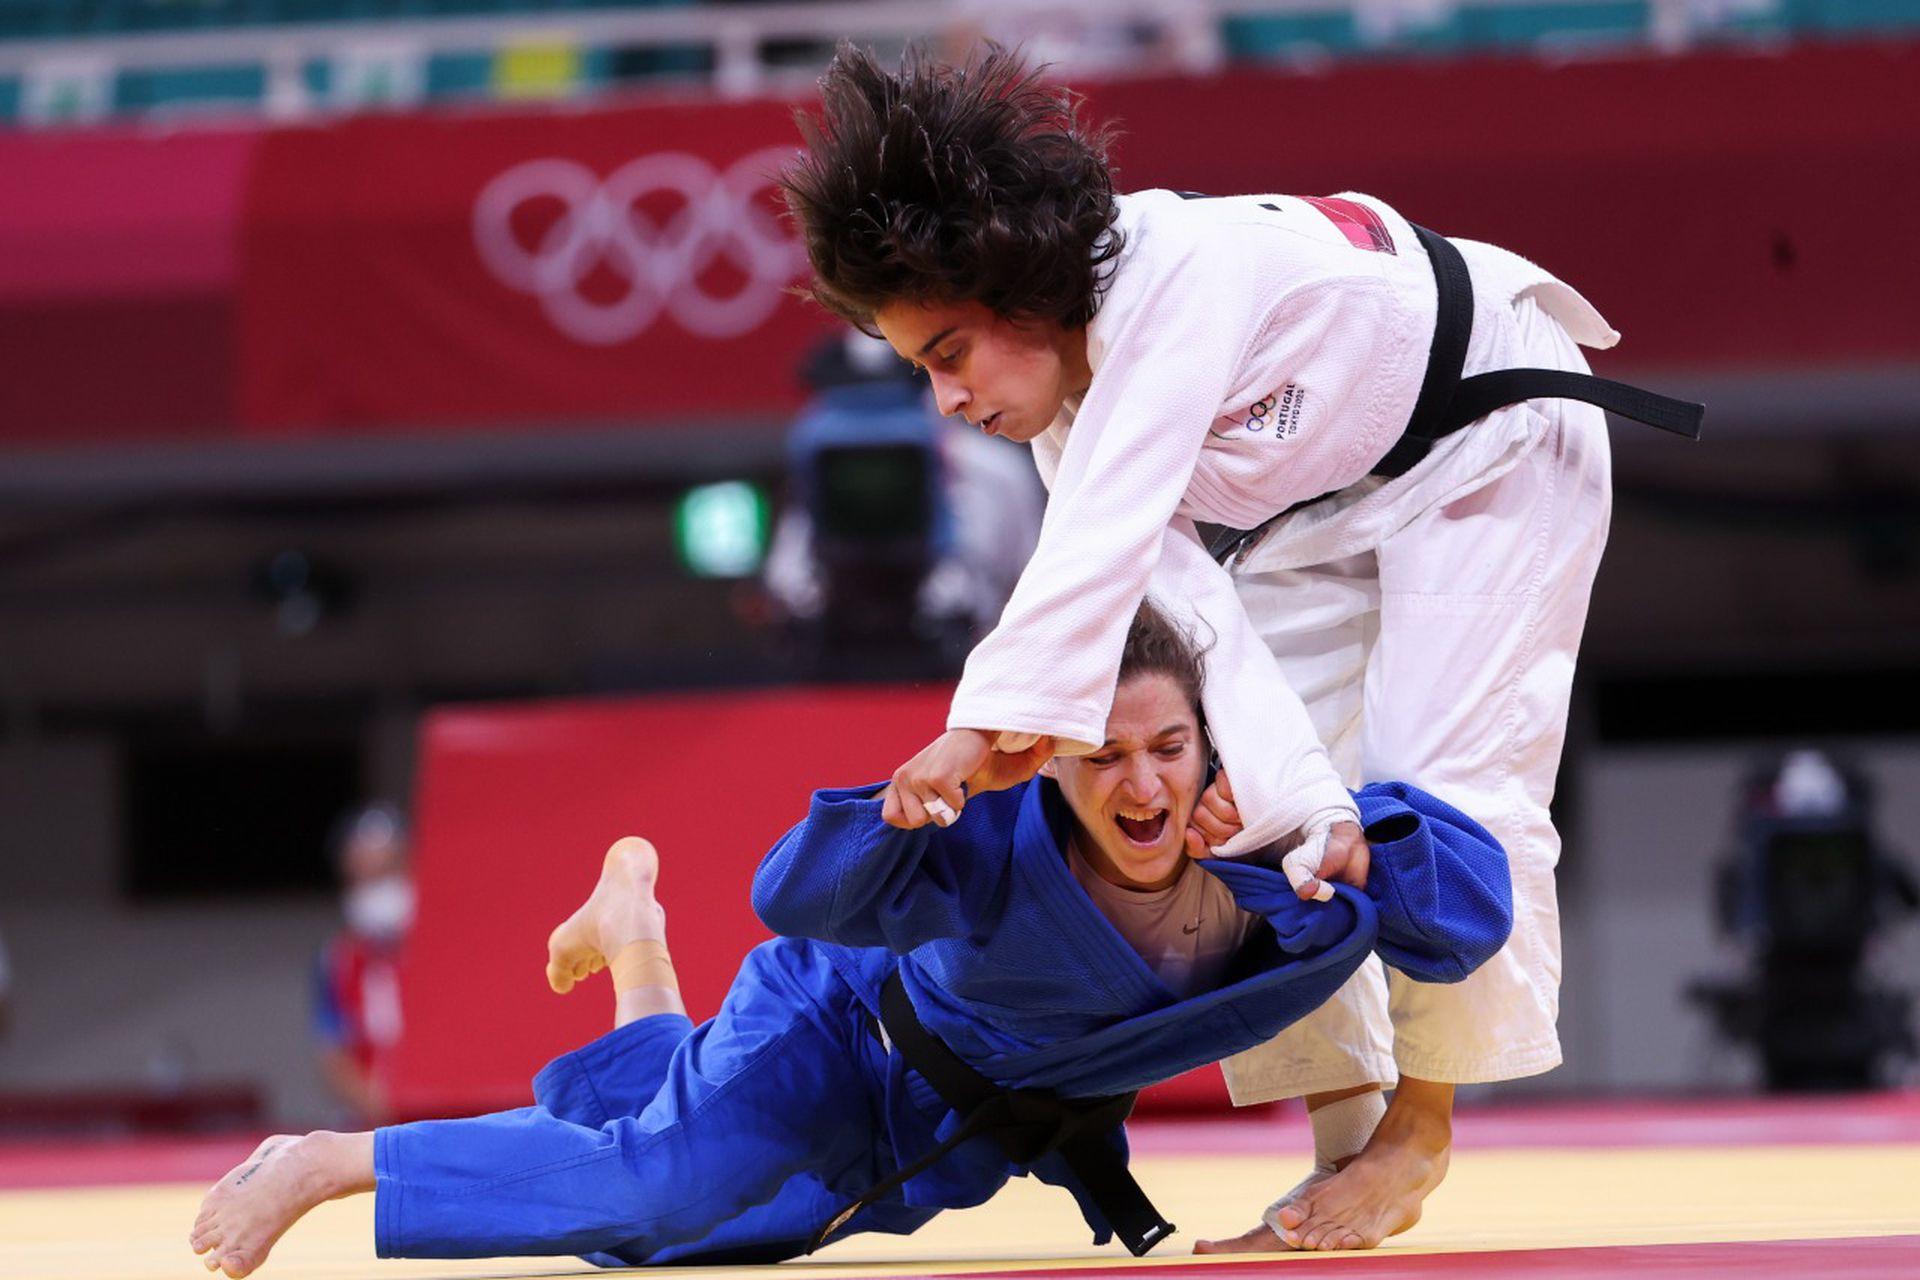 Pareto se despidio de los Juegos olimpicos de Tokio 2020.